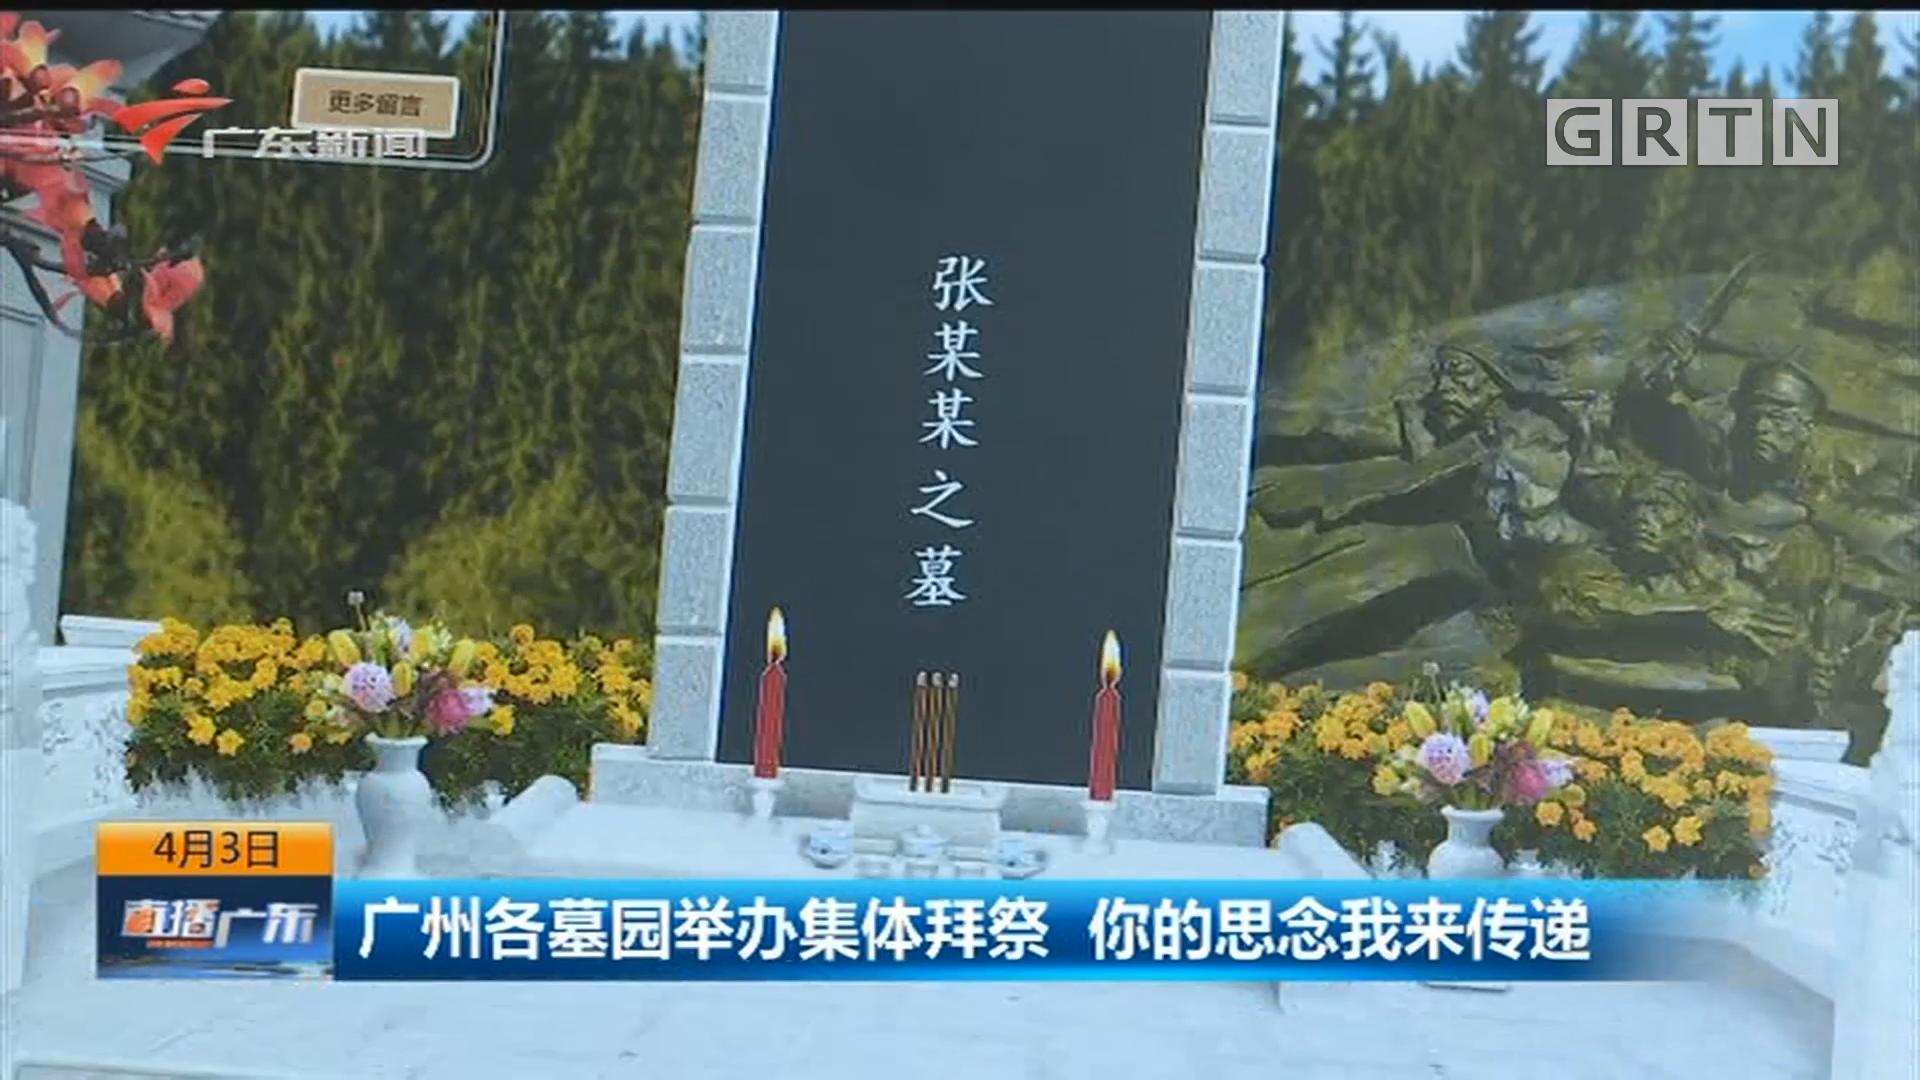 广州各墓园举办集体拜祭 你的思念我来传递